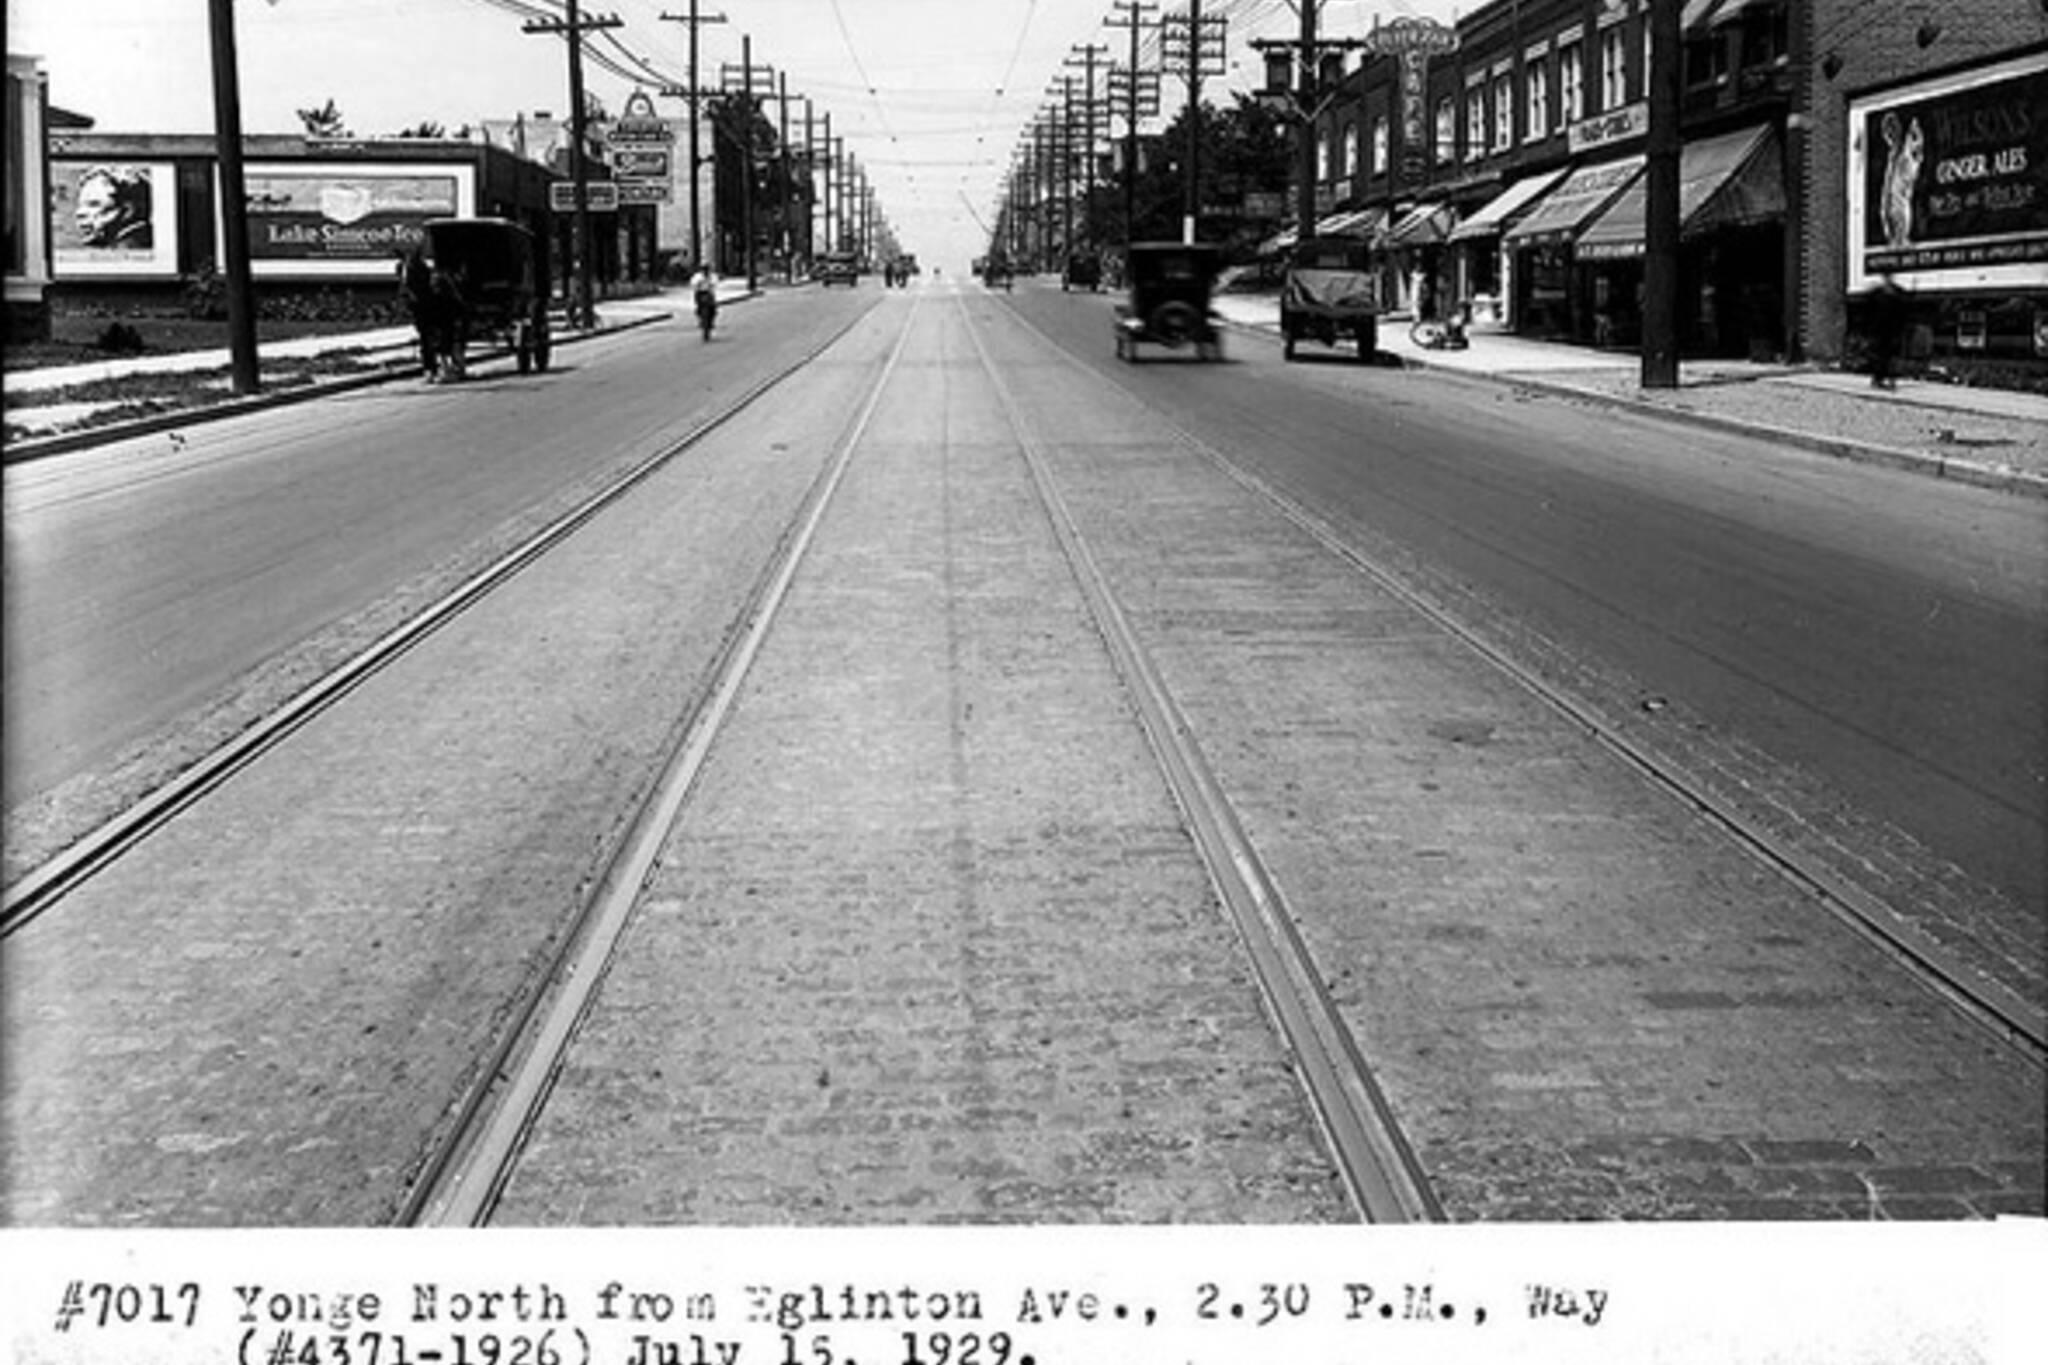 Yonge and Eglinton History